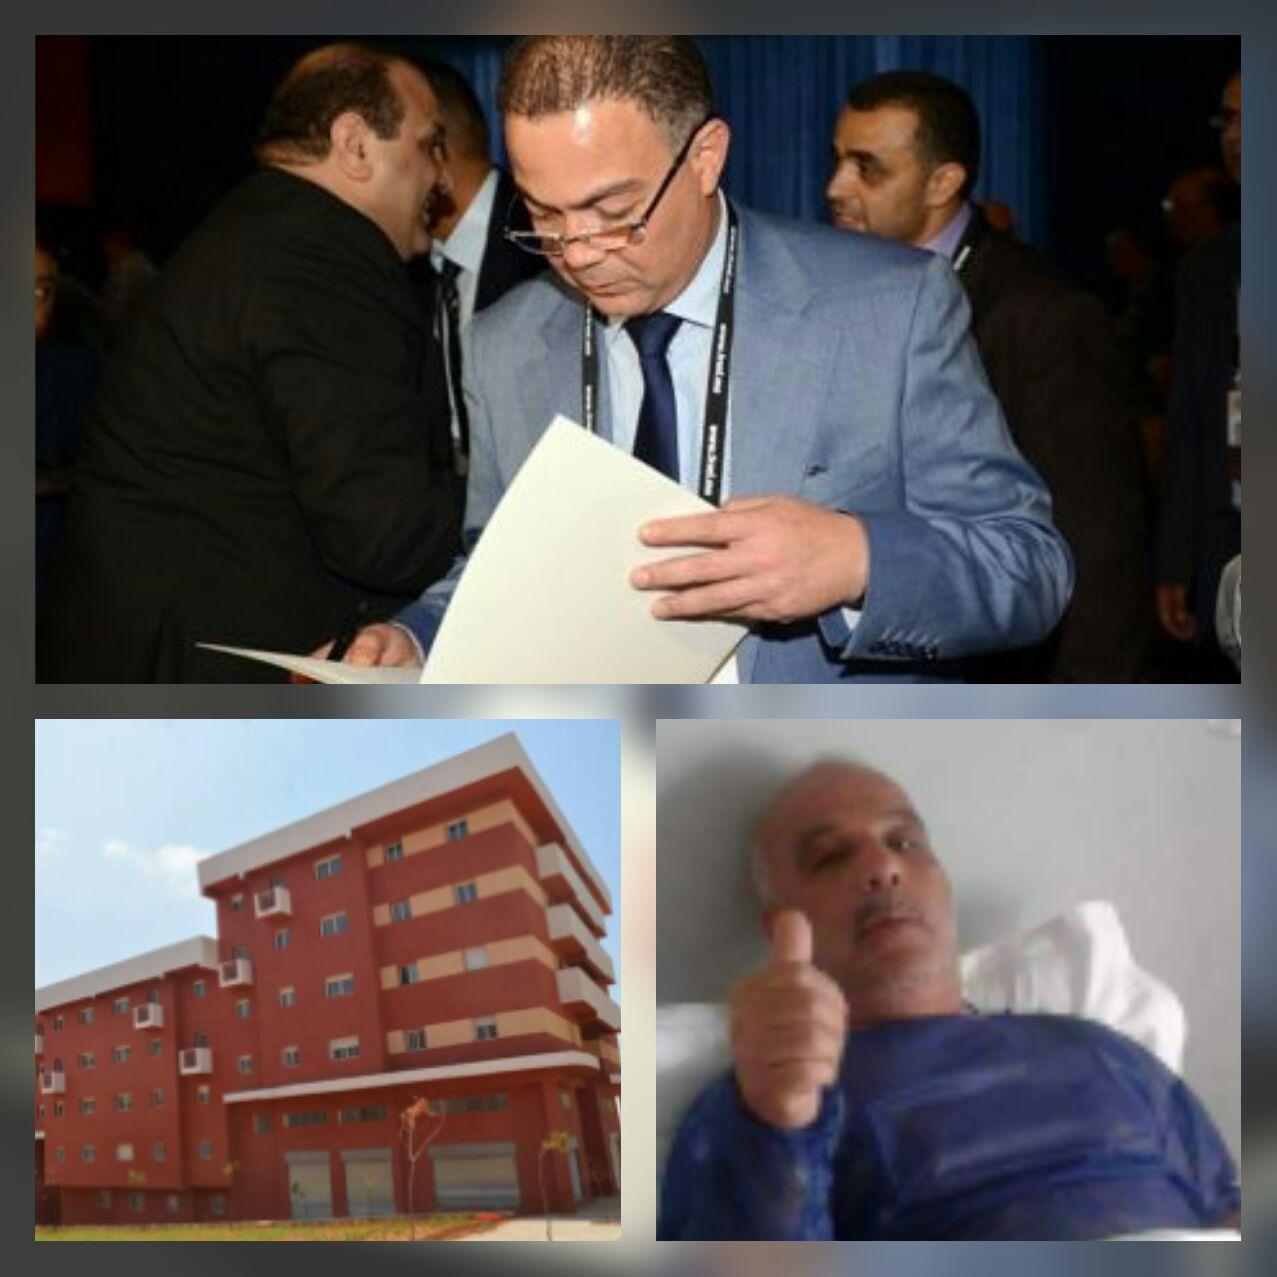 رئيس فريق نهضة بركان السيد فوزي لقجع يوفي بوعده ويمنح شقة لأرملة اليوسفي الميلود…